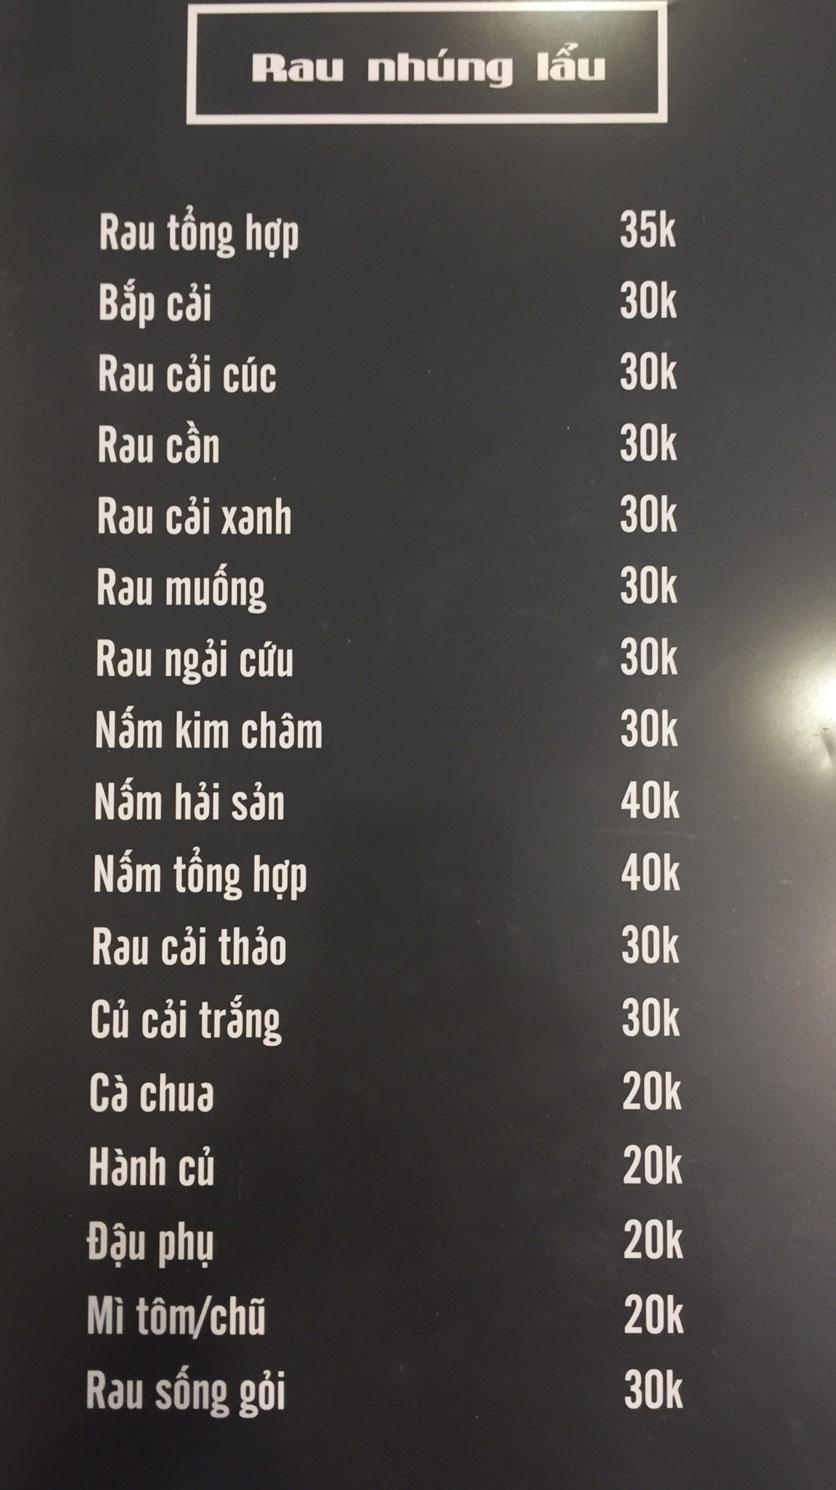 Menu Lam Huyền - Đặc sản lẩu hơi nồi đá - Hoàng Quốc Việt  3